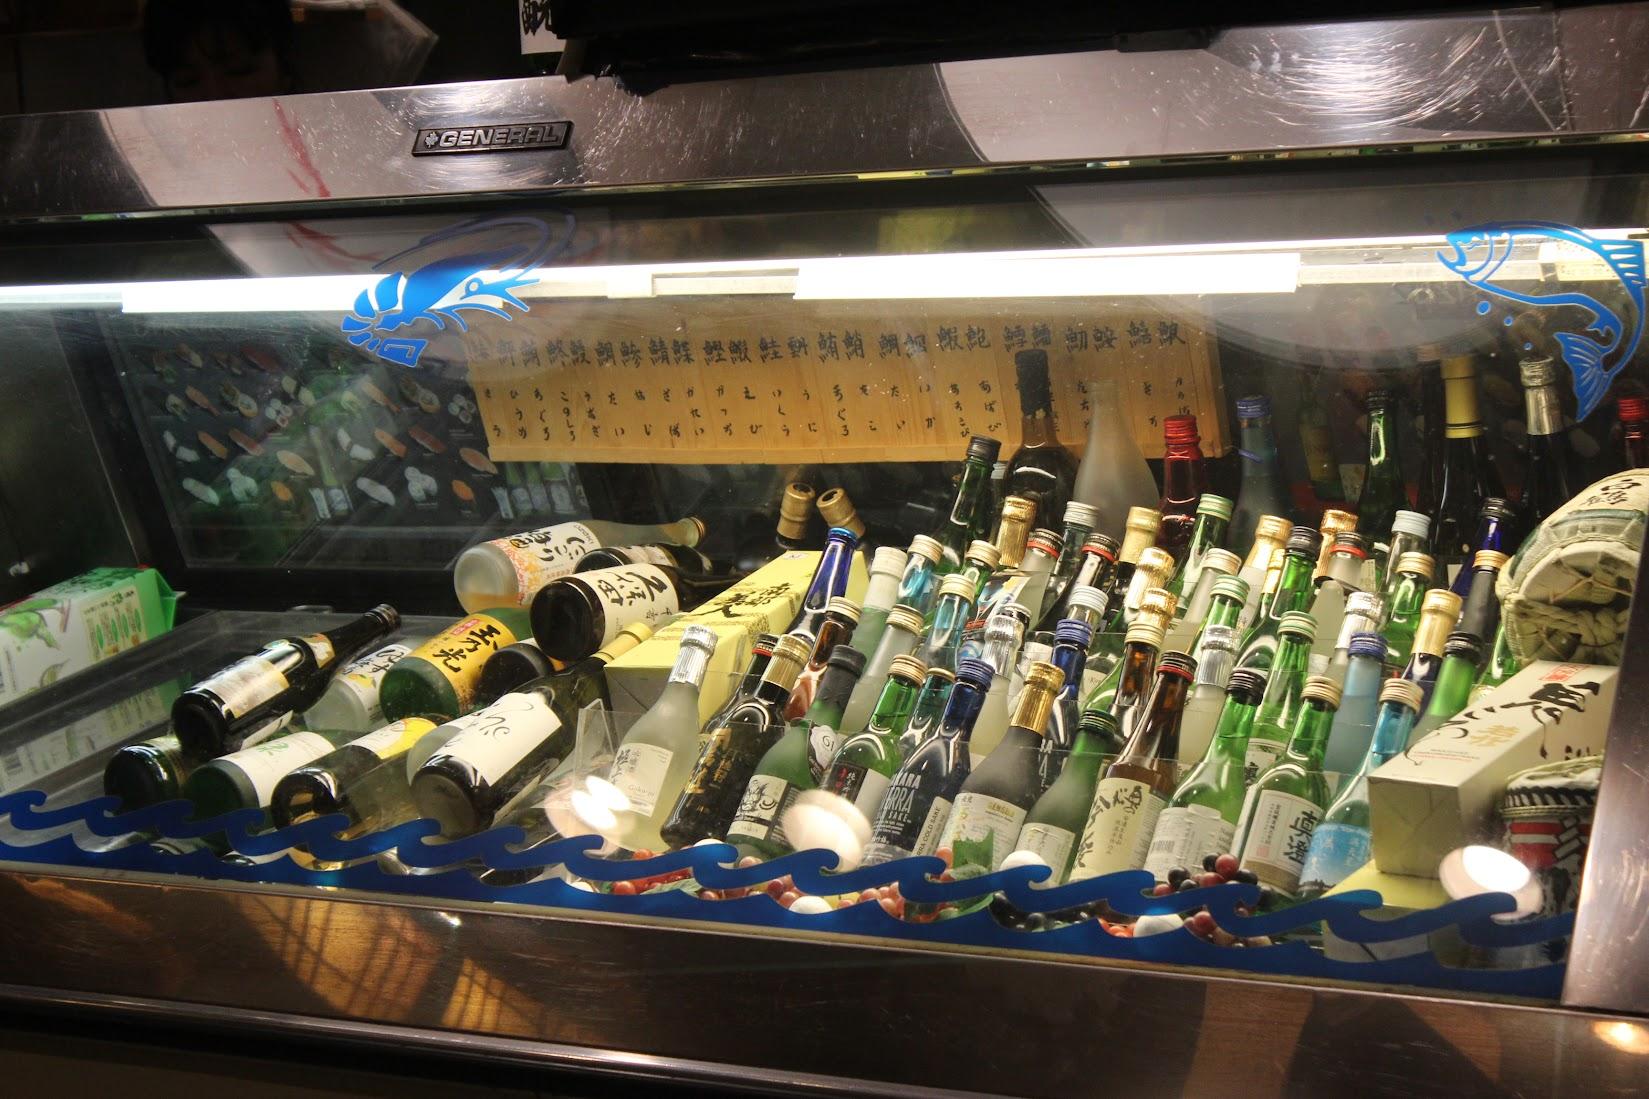 """Ichiban Fish House 냉동실에서 취급하는 """"생선"""" 주류가 음식보다 많은 비중을 차지하는 게 마치 내 냉동실을 보는 것 같다."""